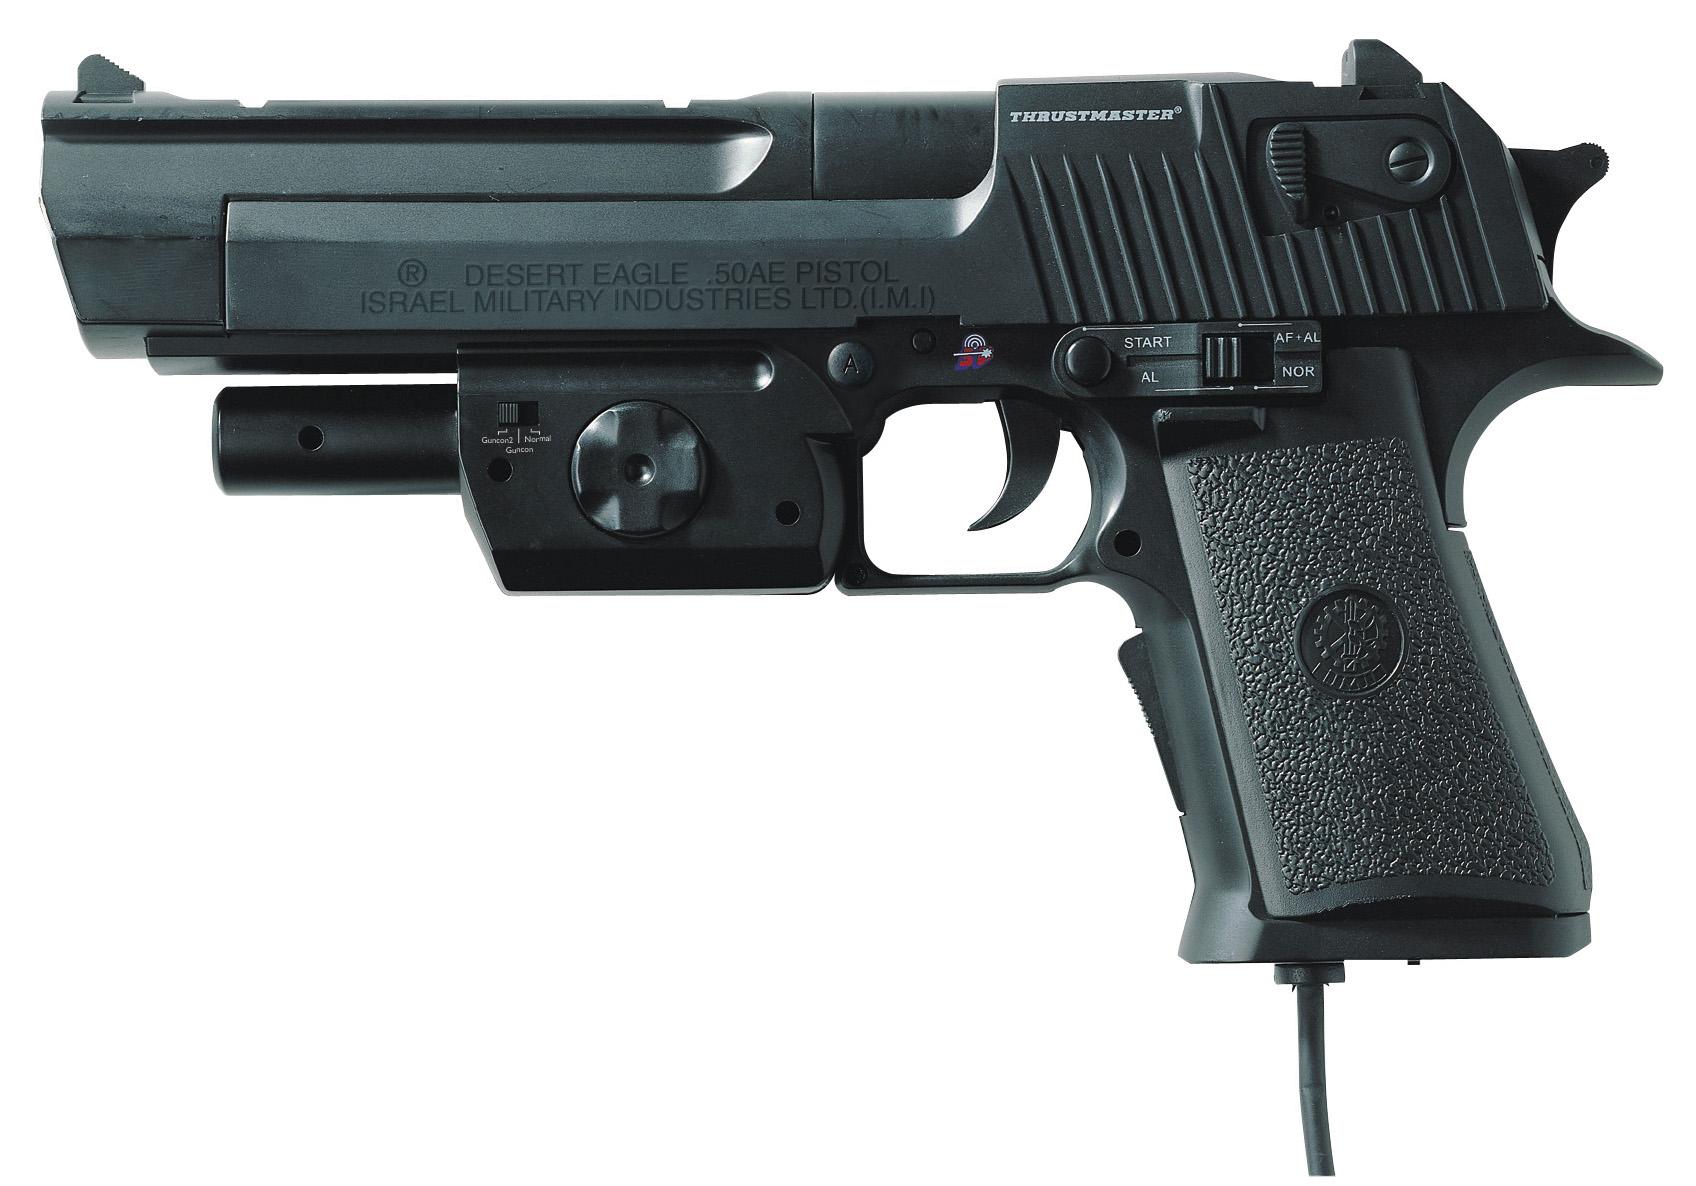 DESERT EAGLE weapon gun pistol military g wallpaper ...